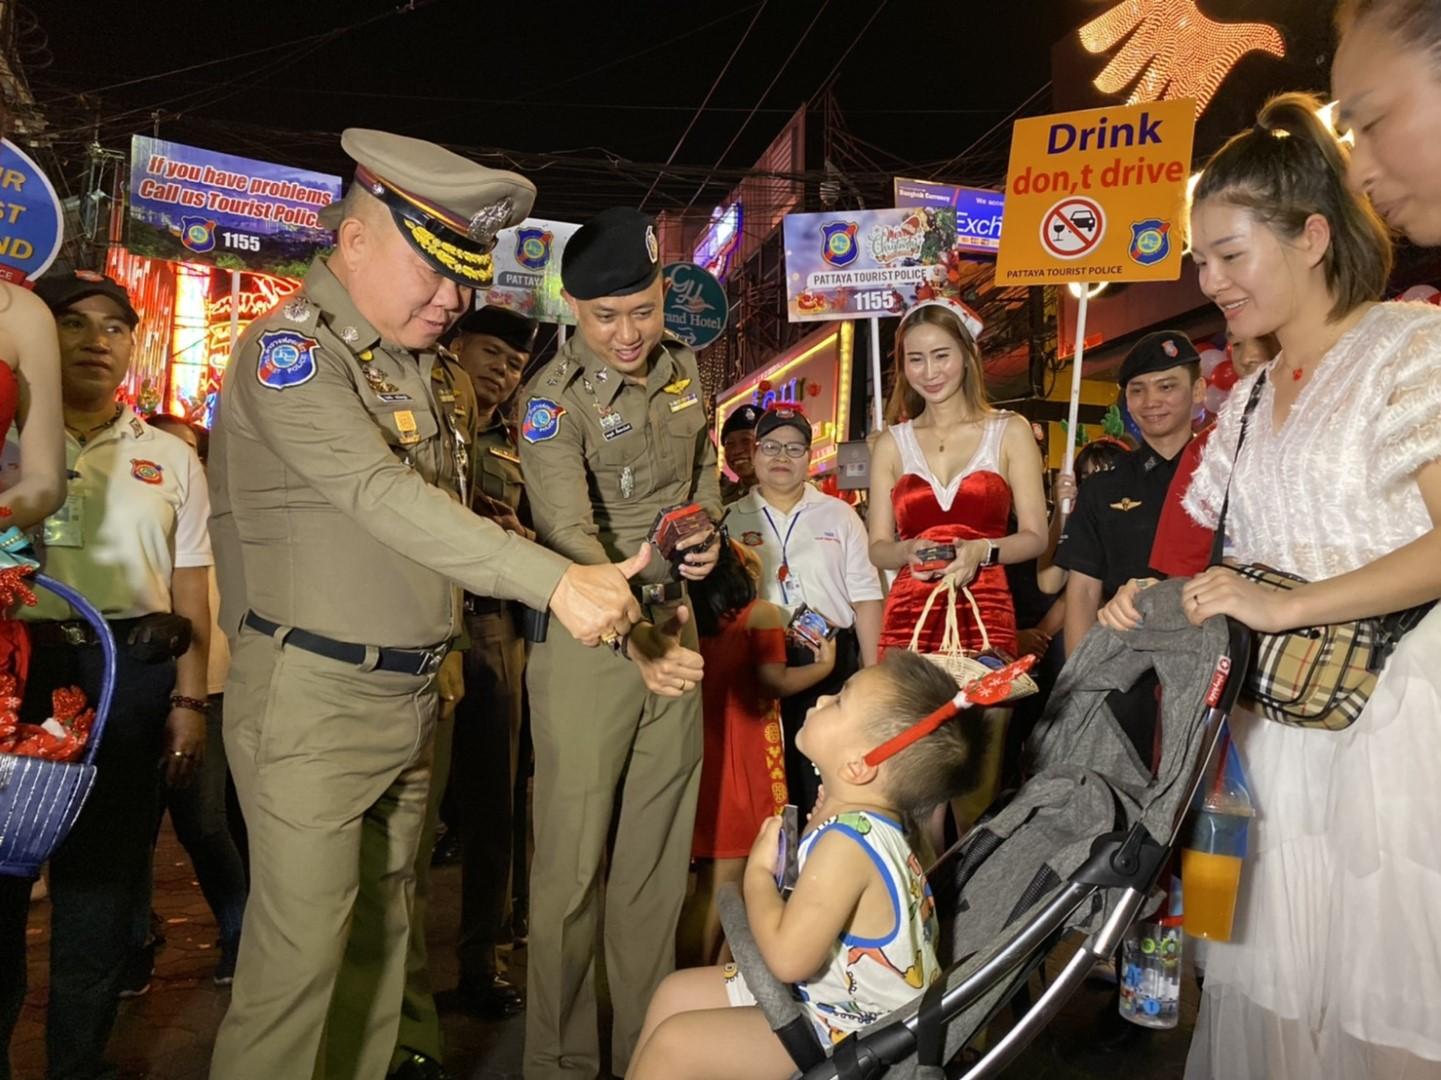 ตำรวจท่องเที่ยว เดินแจกช็อคโกแลต ดูแลความปลอดภัยนักท่องเที่ยวเข้ม ในคืนคริสต์มาส วอล์ค กิ้งสตรีท